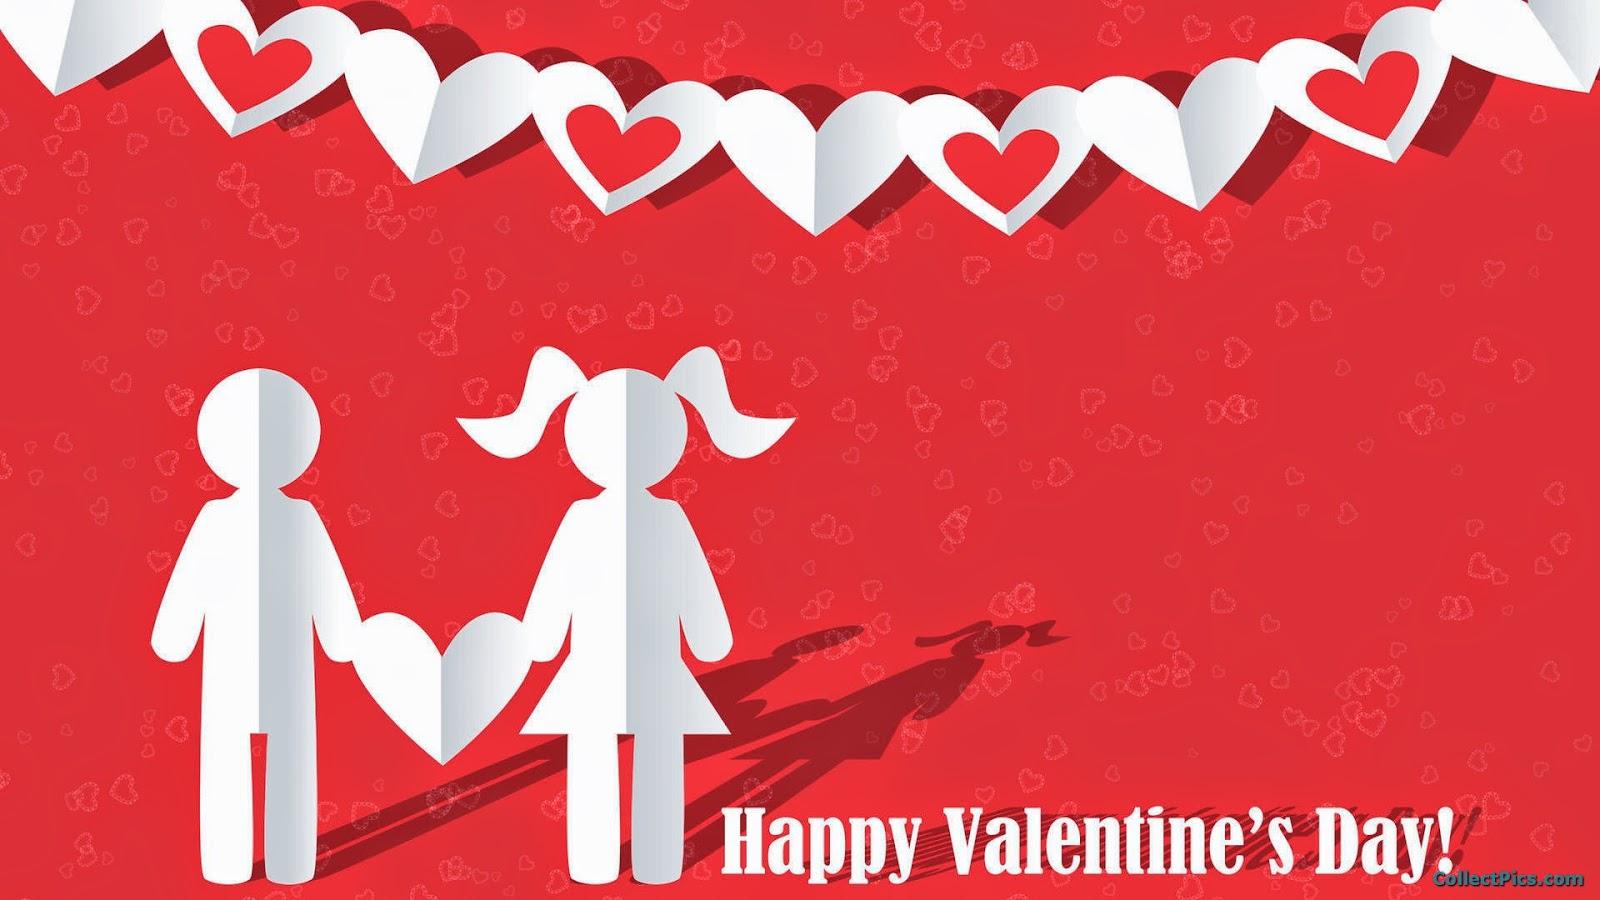 hinh-nen-valentine-14-2